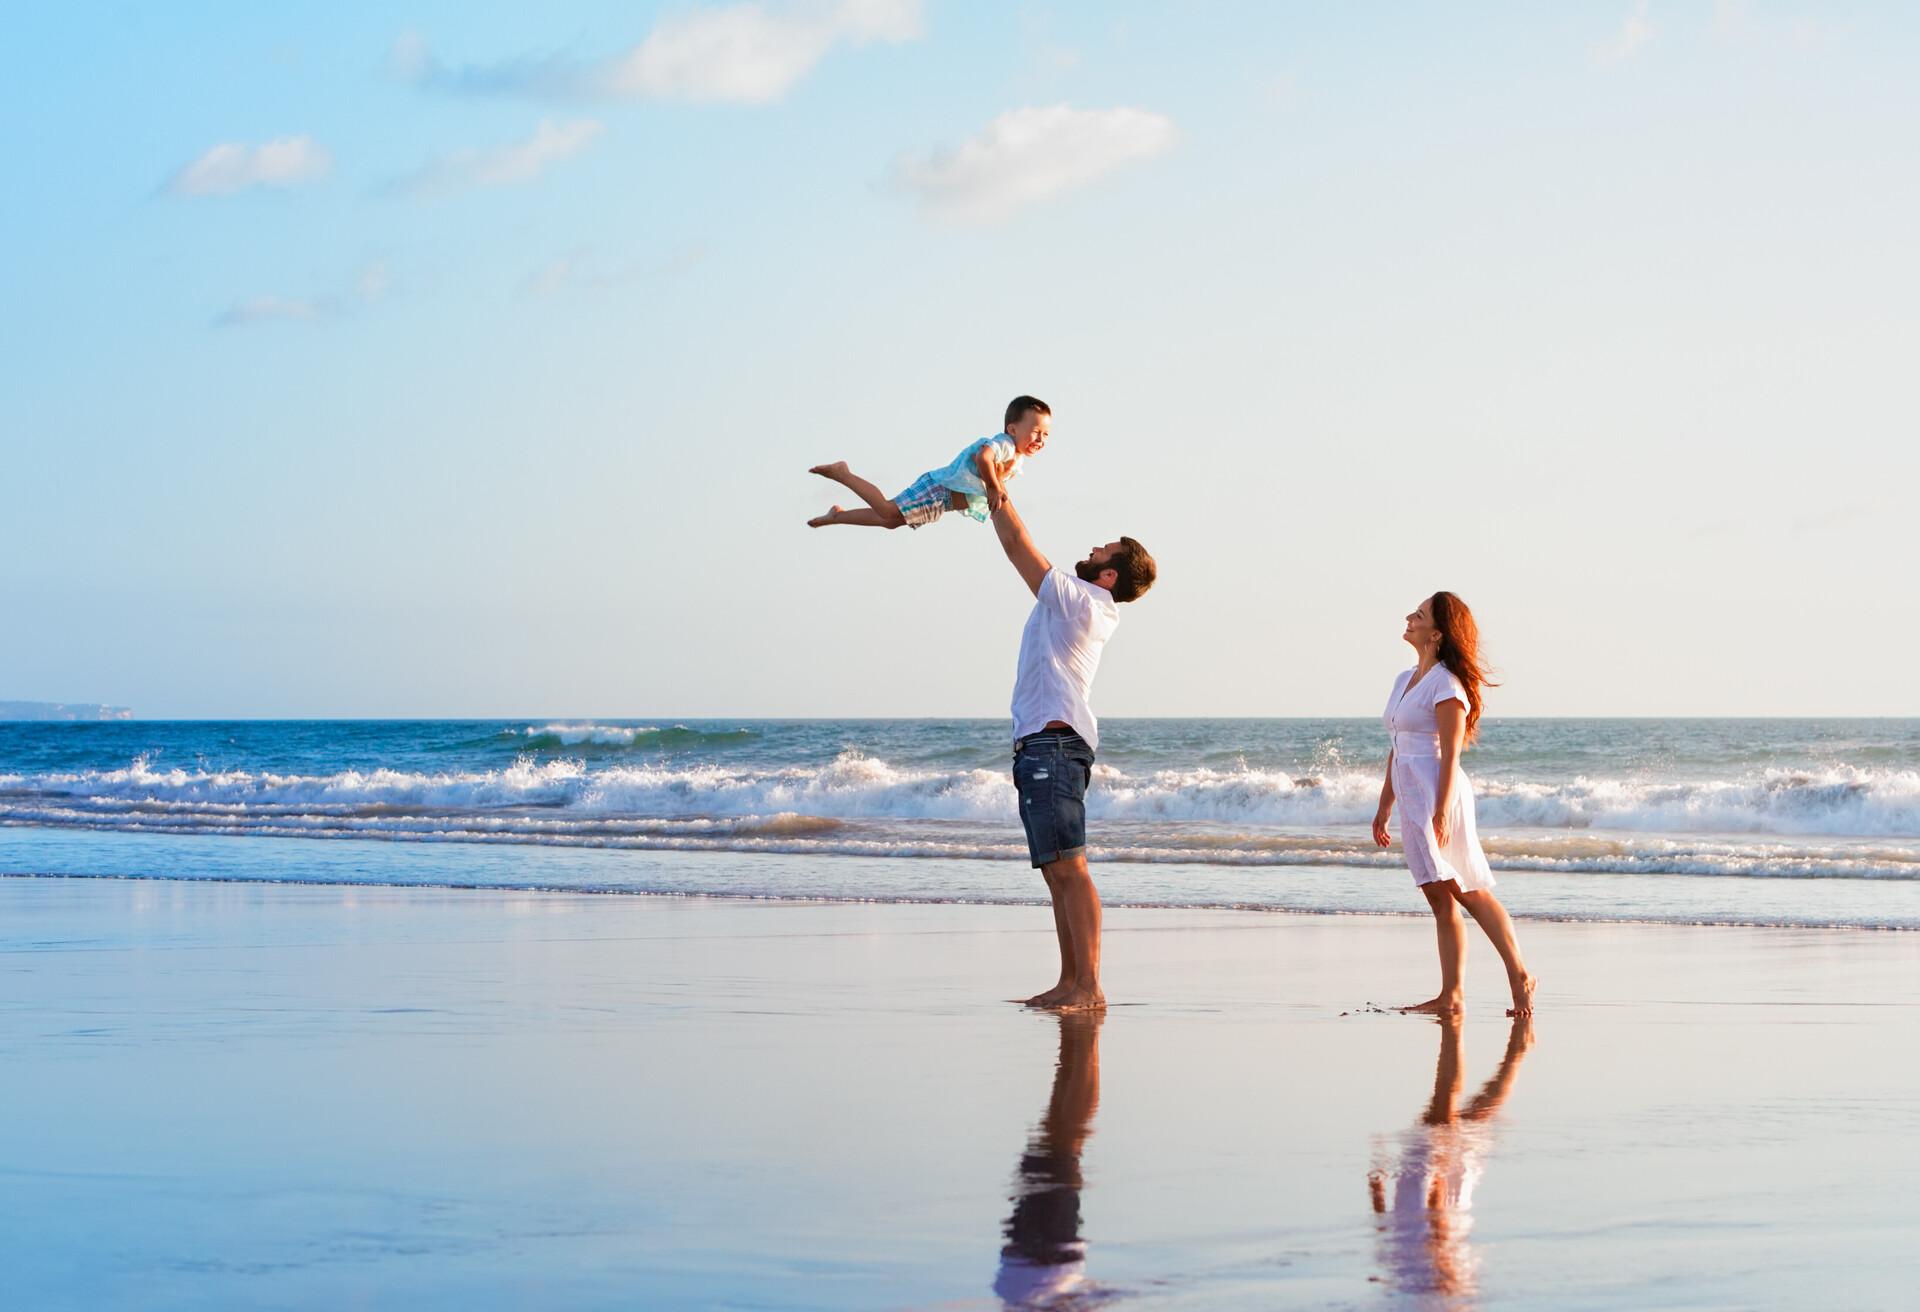 Familia joven disfrutando de sus vacaciones en una isla.